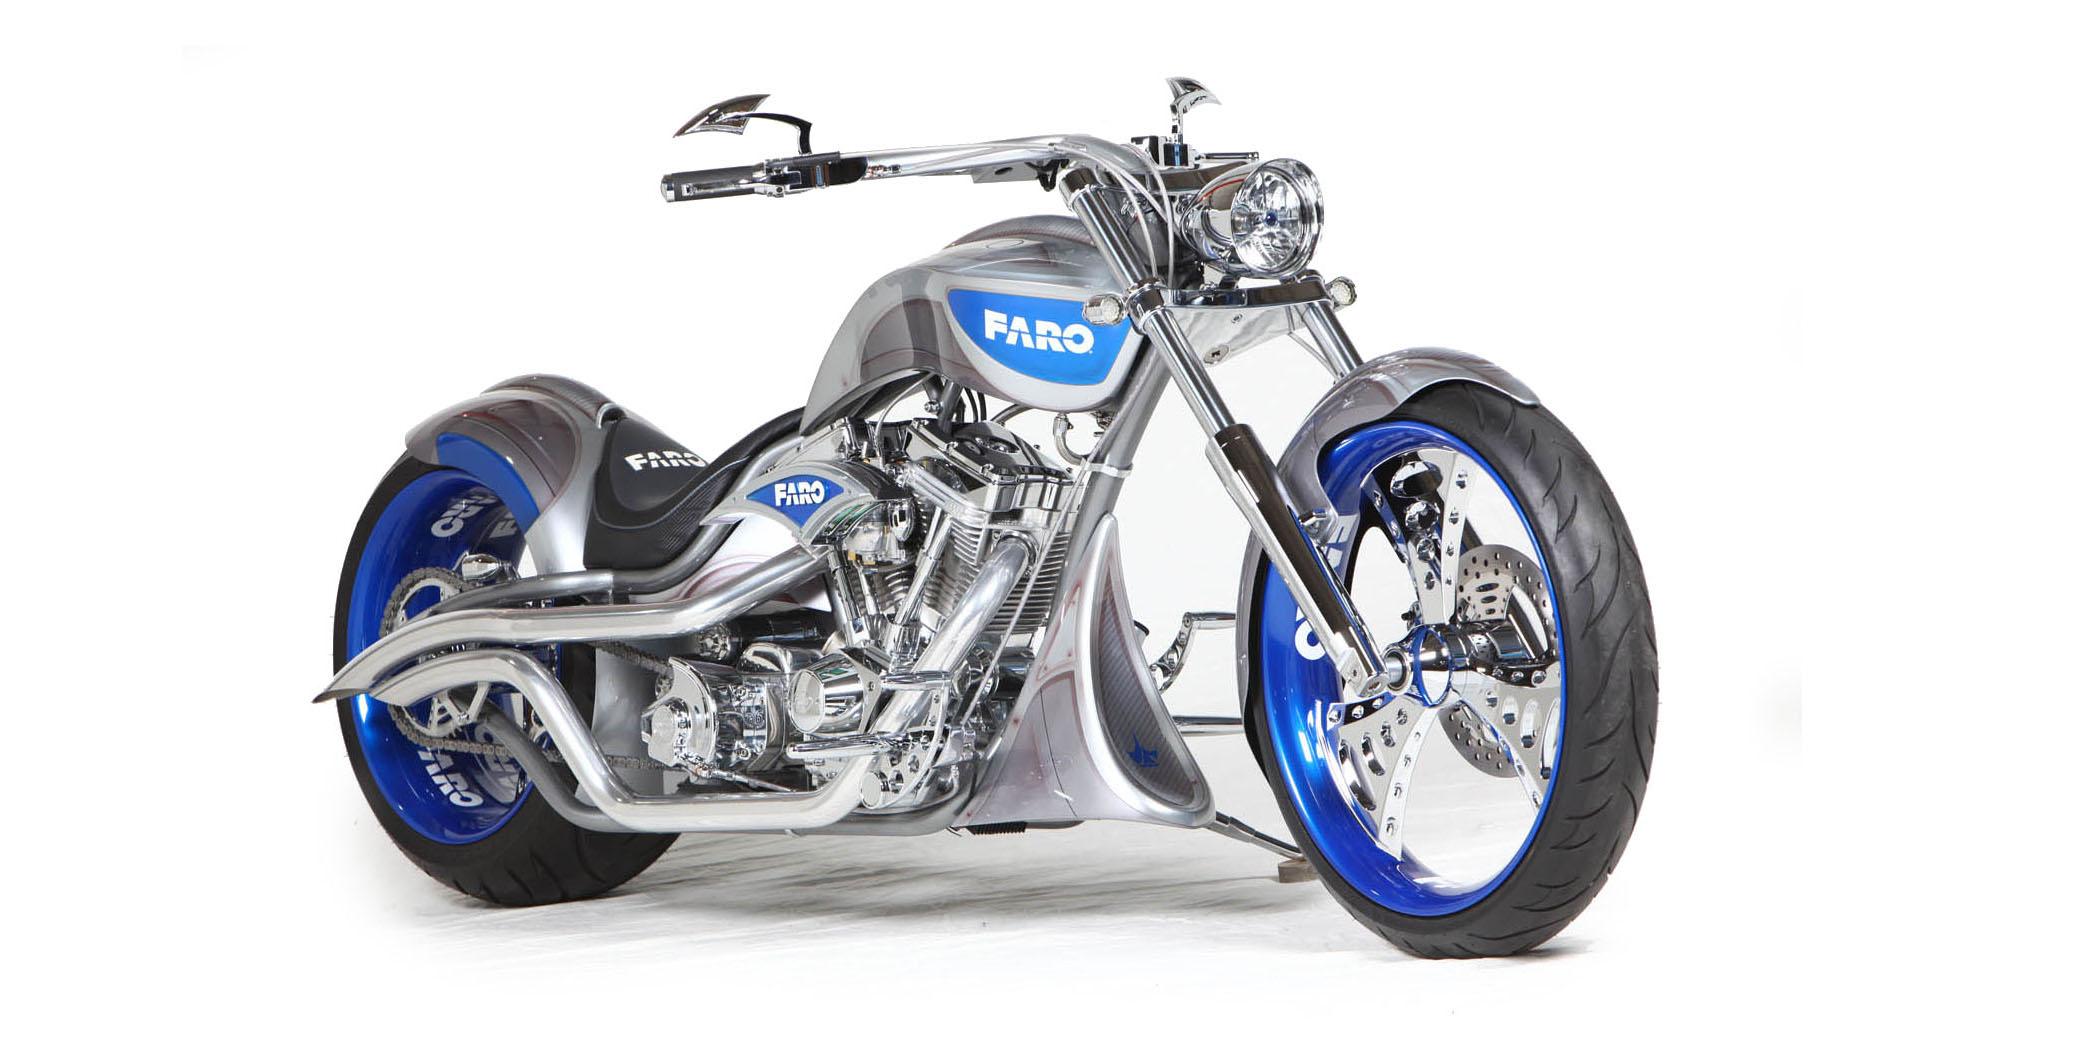 paul-jr-designs-faro-bike-001-1